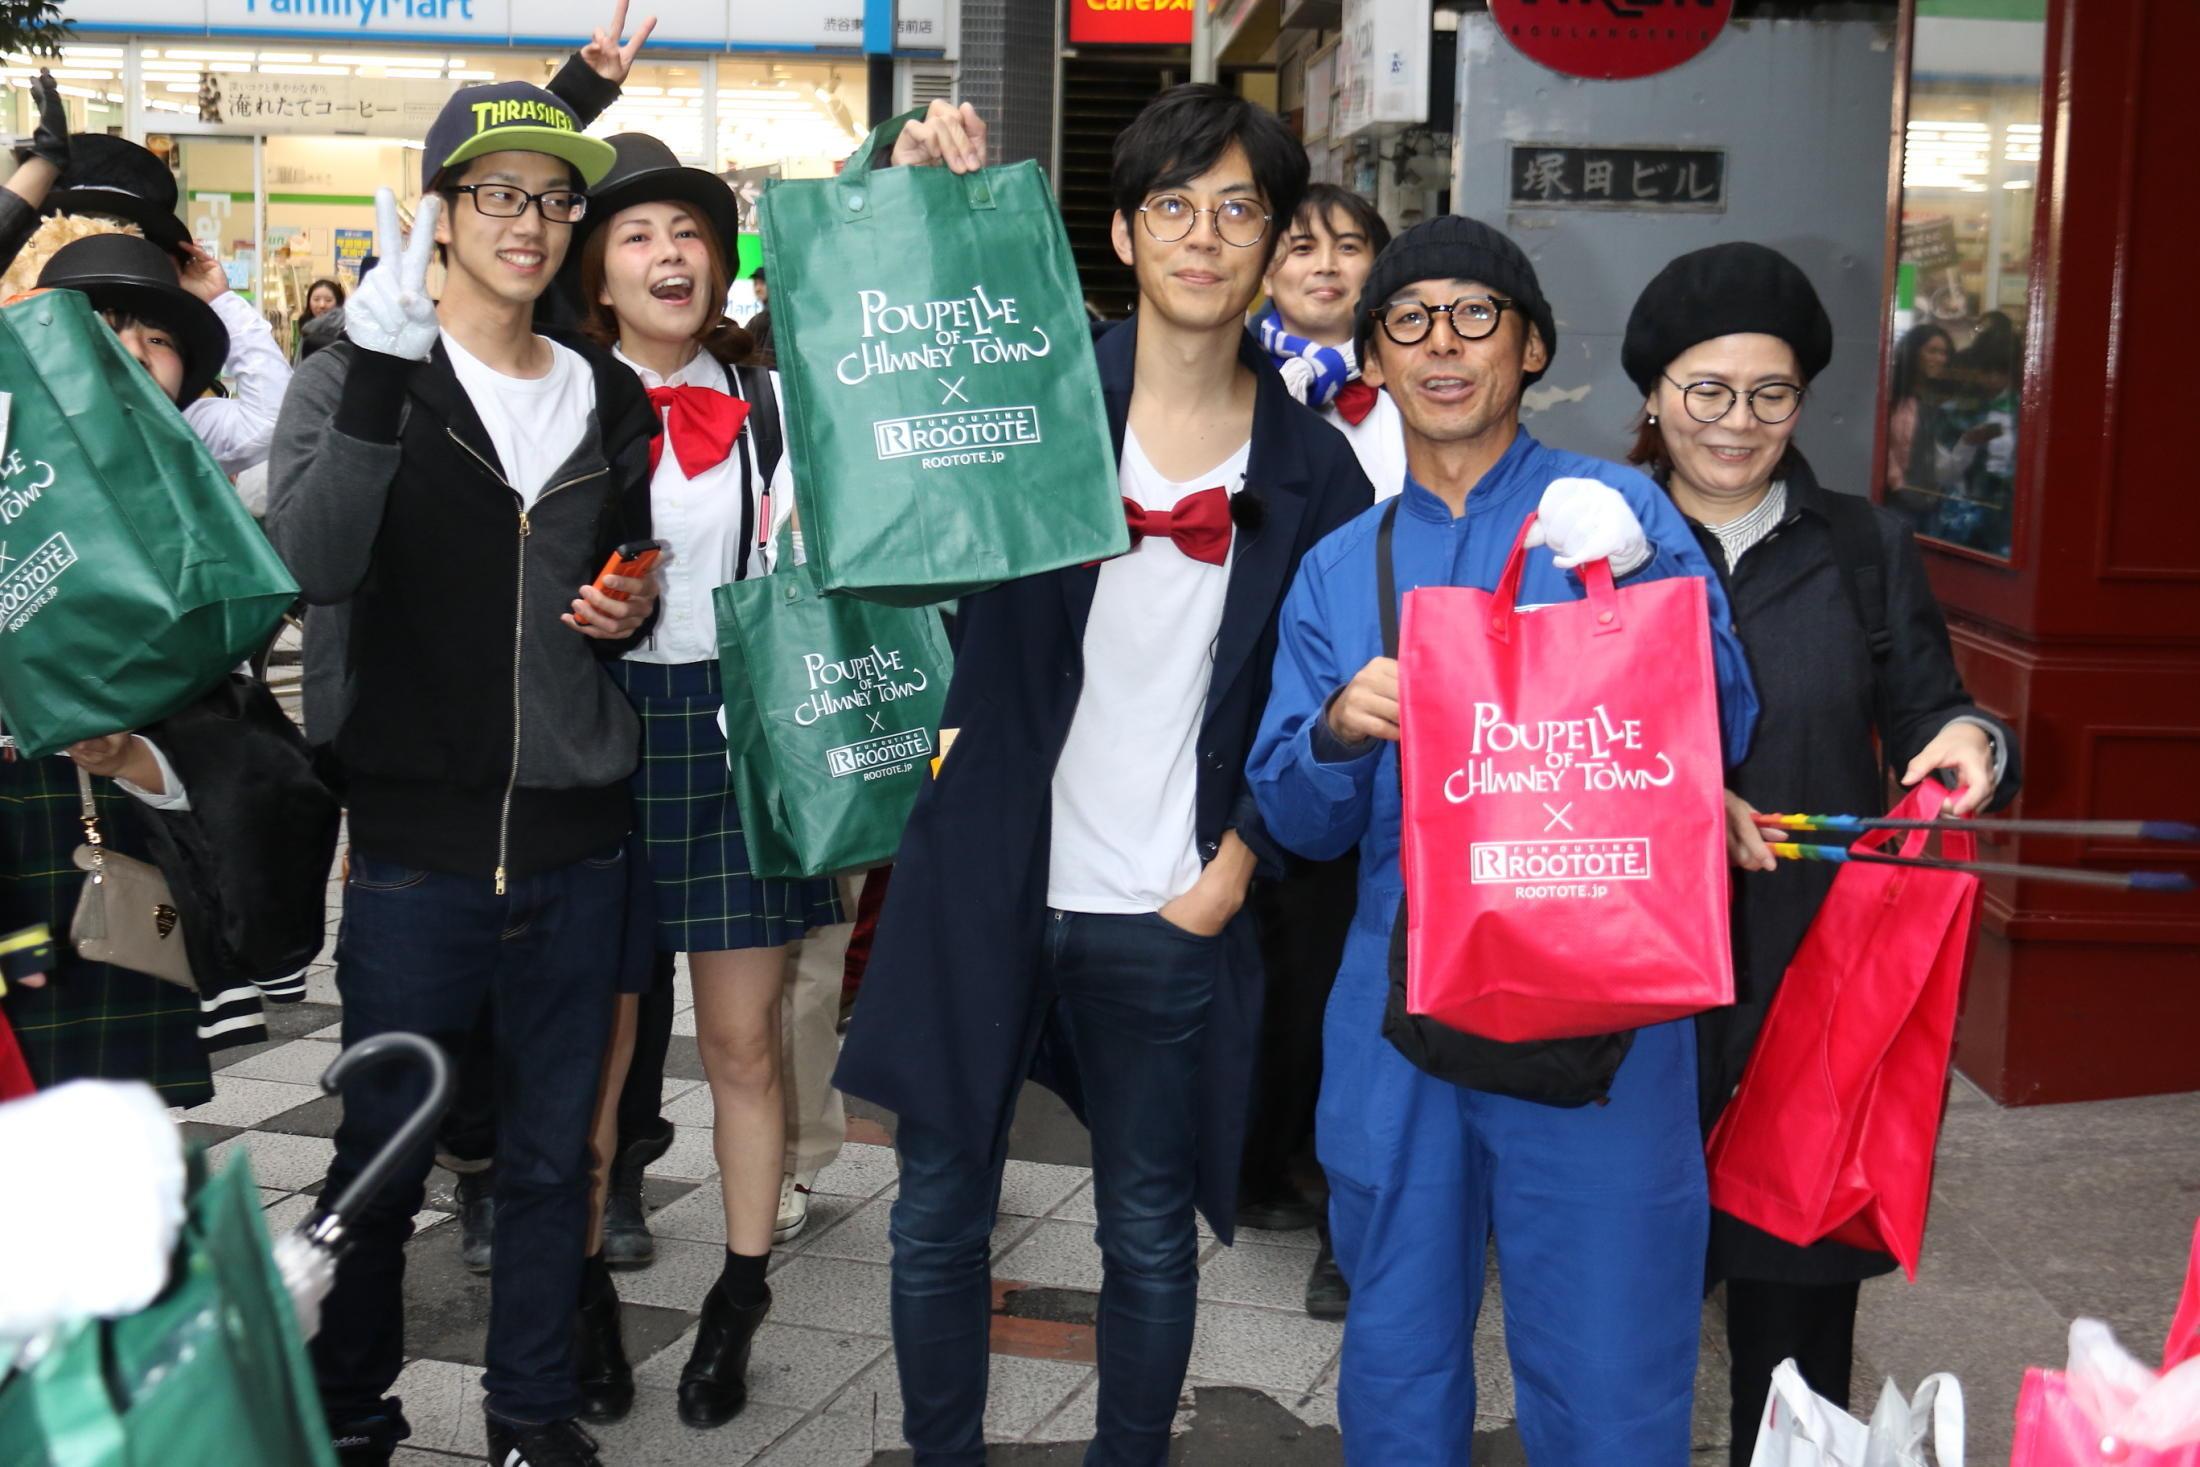 http://news.yoshimoto.co.jp/20161031085223-7c38ad14e55ecac7b2161b8af48bef55251885f2.jpg